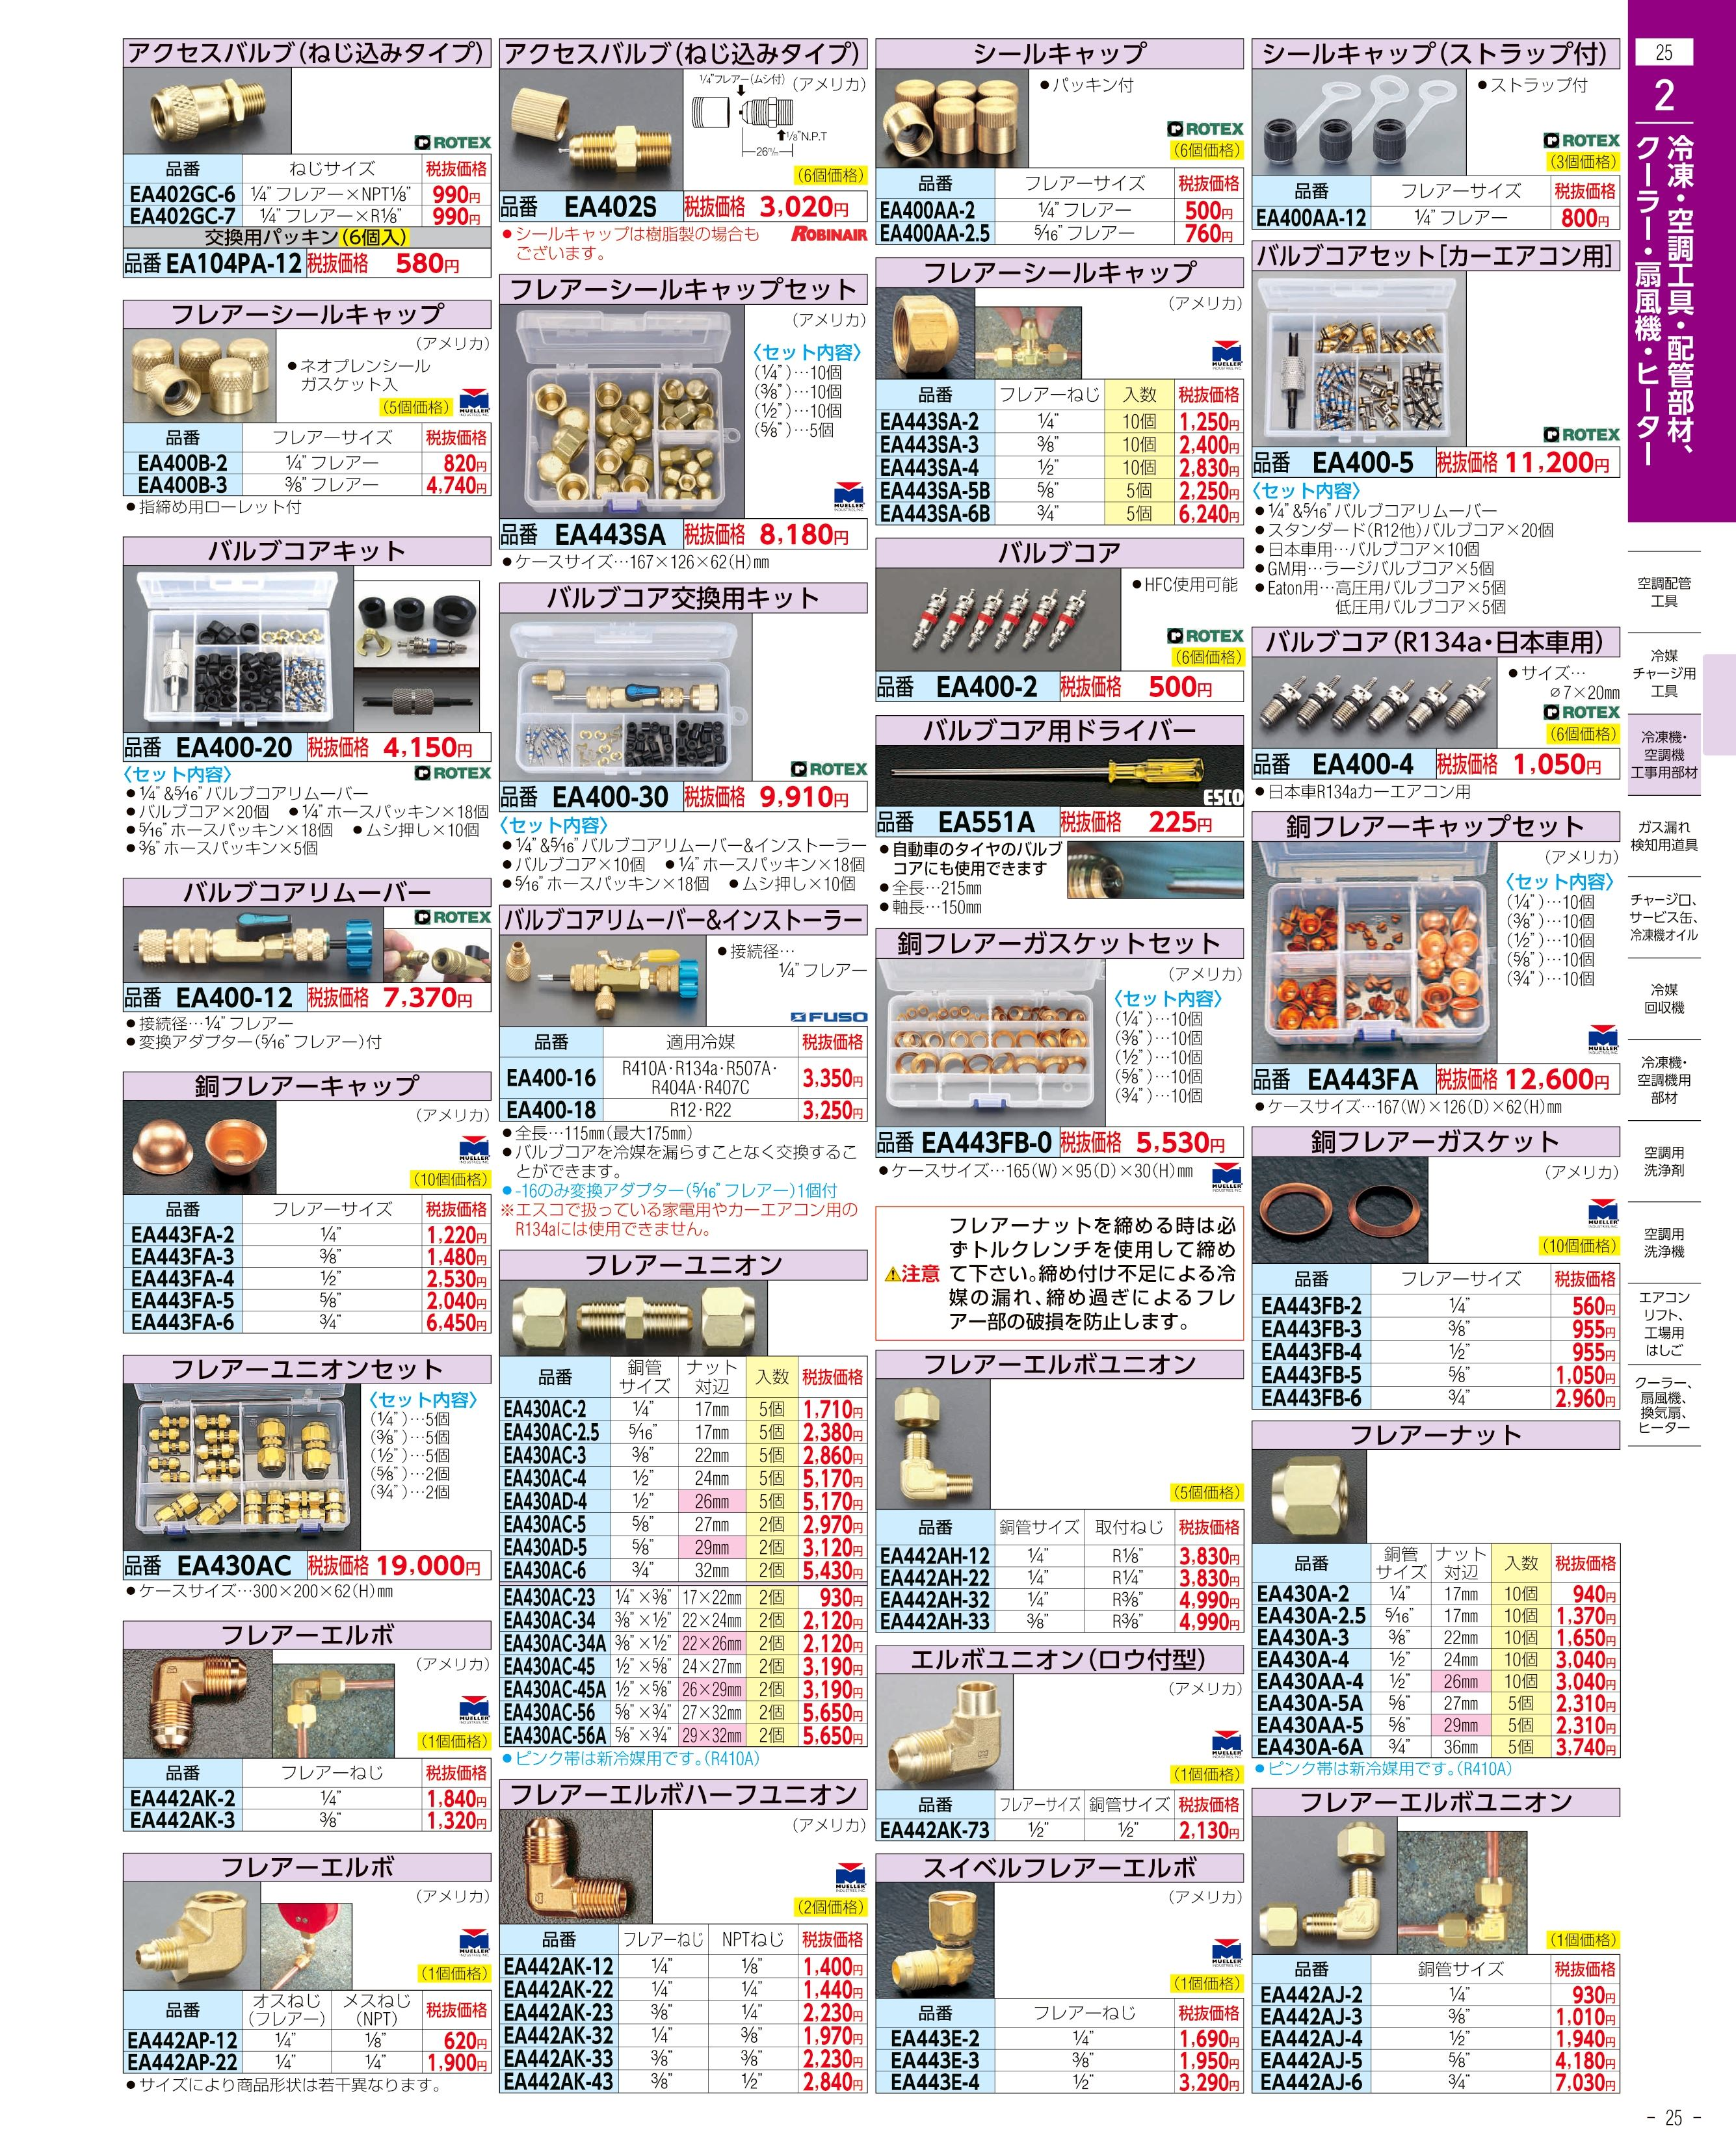 エスコ便利カタログ25ページ